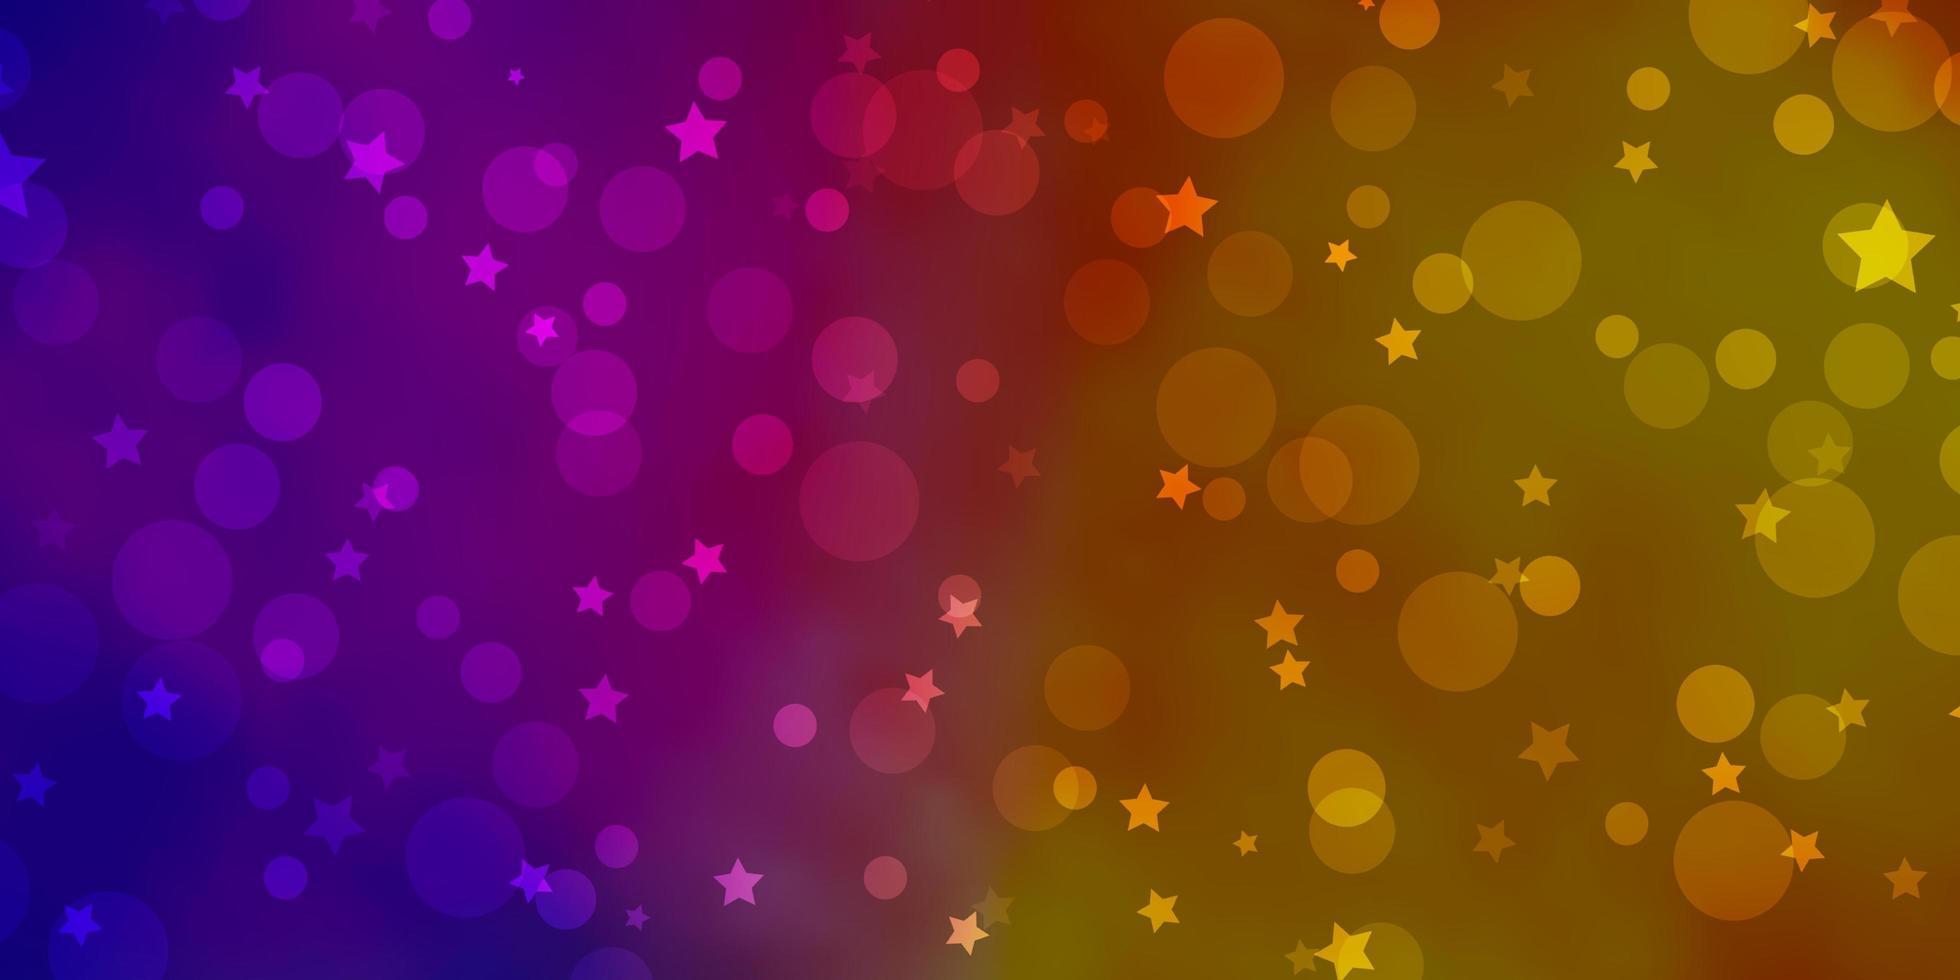 modèle vectoriel rose clair, jaune avec des cercles, des étoiles.